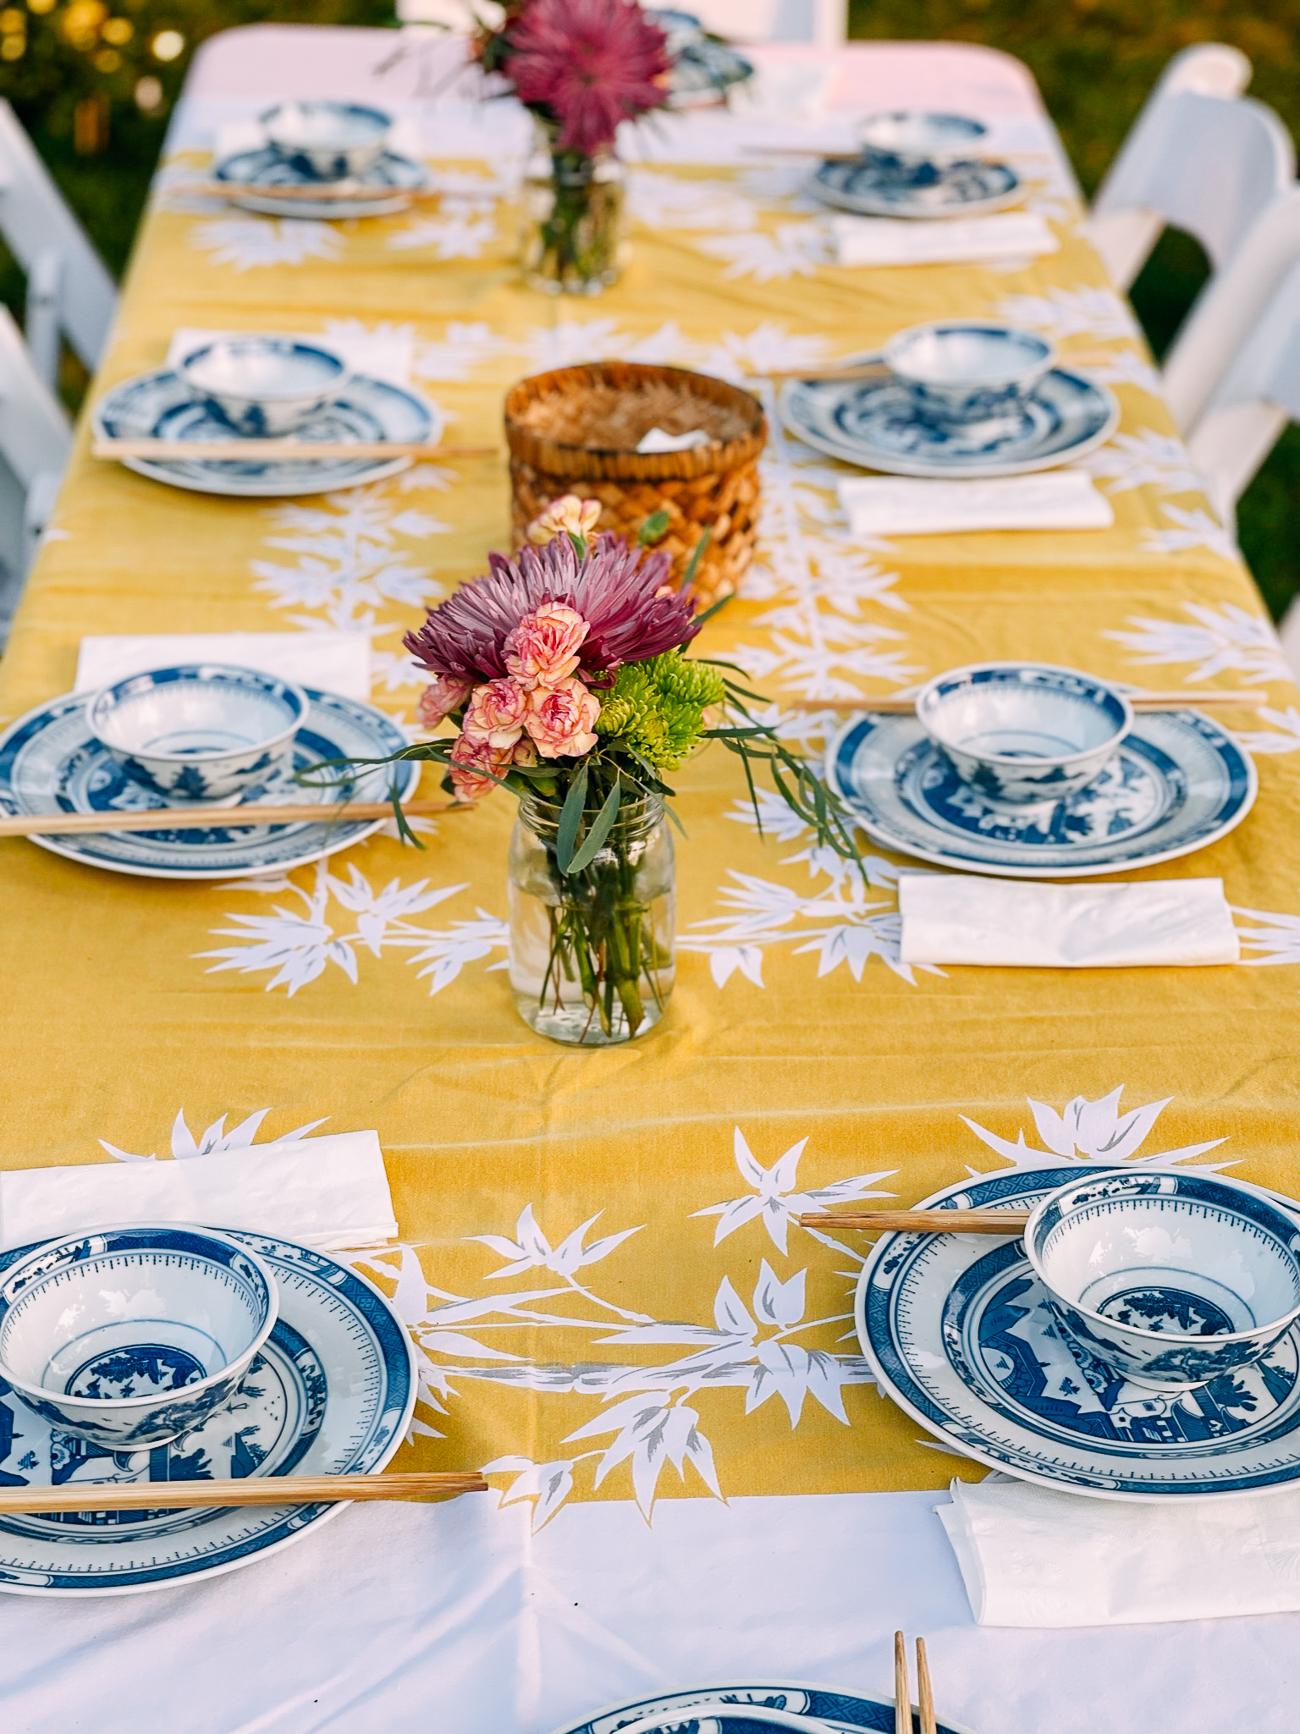 Table set for mid-autumn festival dinner